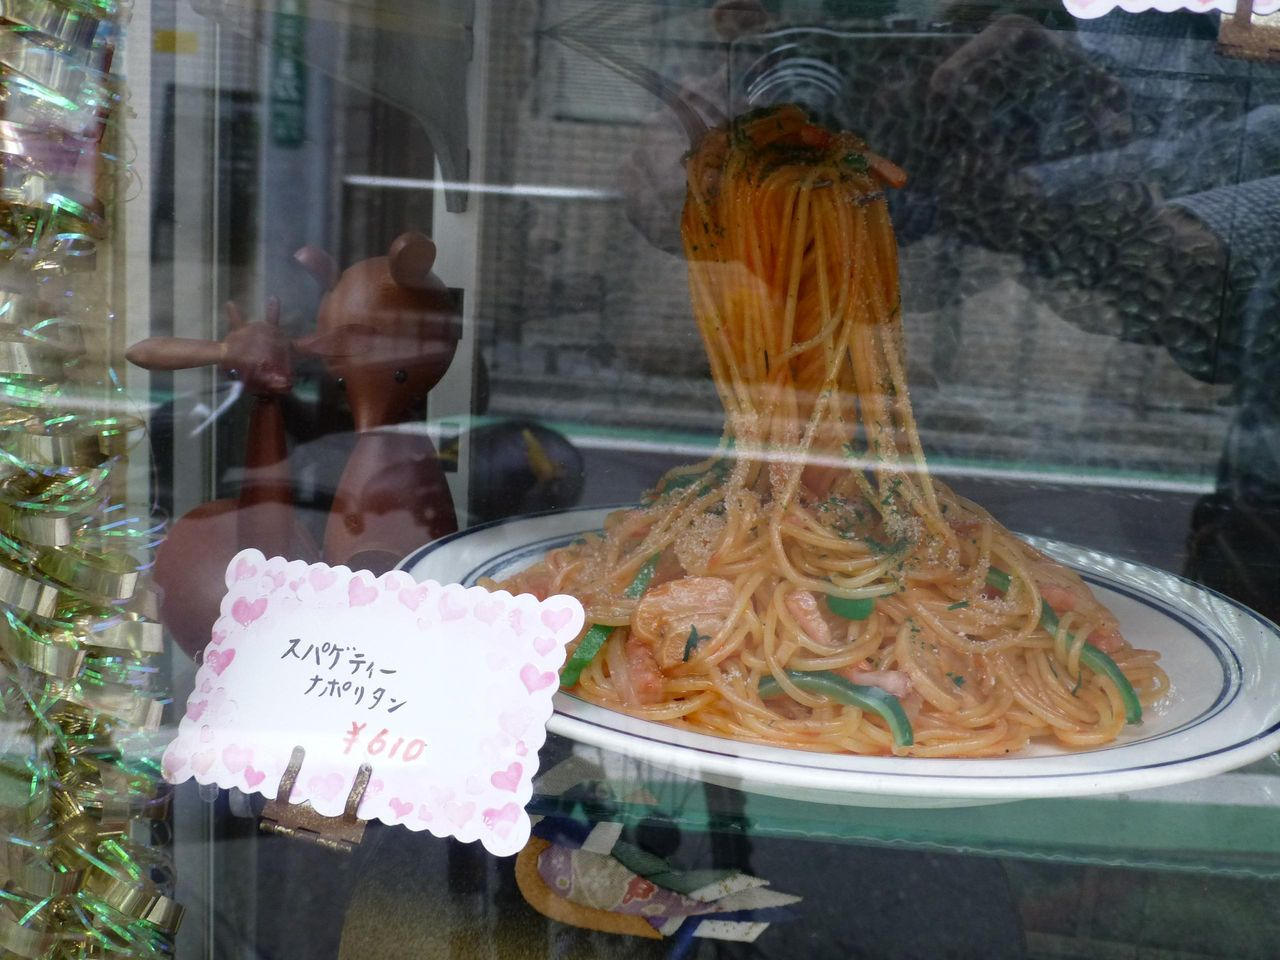 見るからに美味しそうなナポリタンのメニューサンプル!